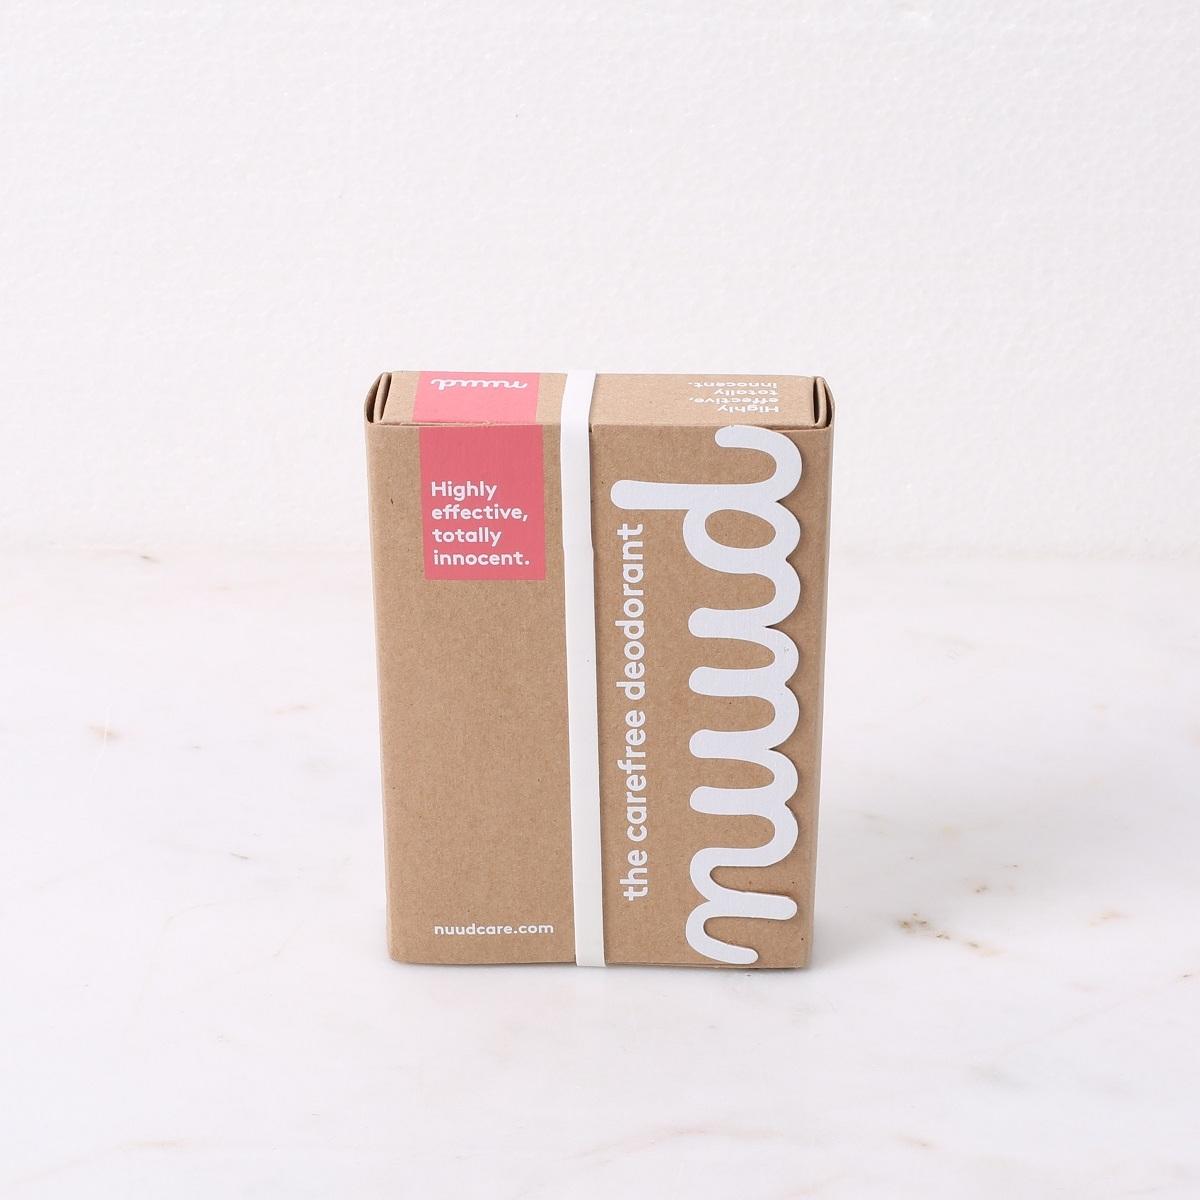 Nuud+deodorant+Box.jpg